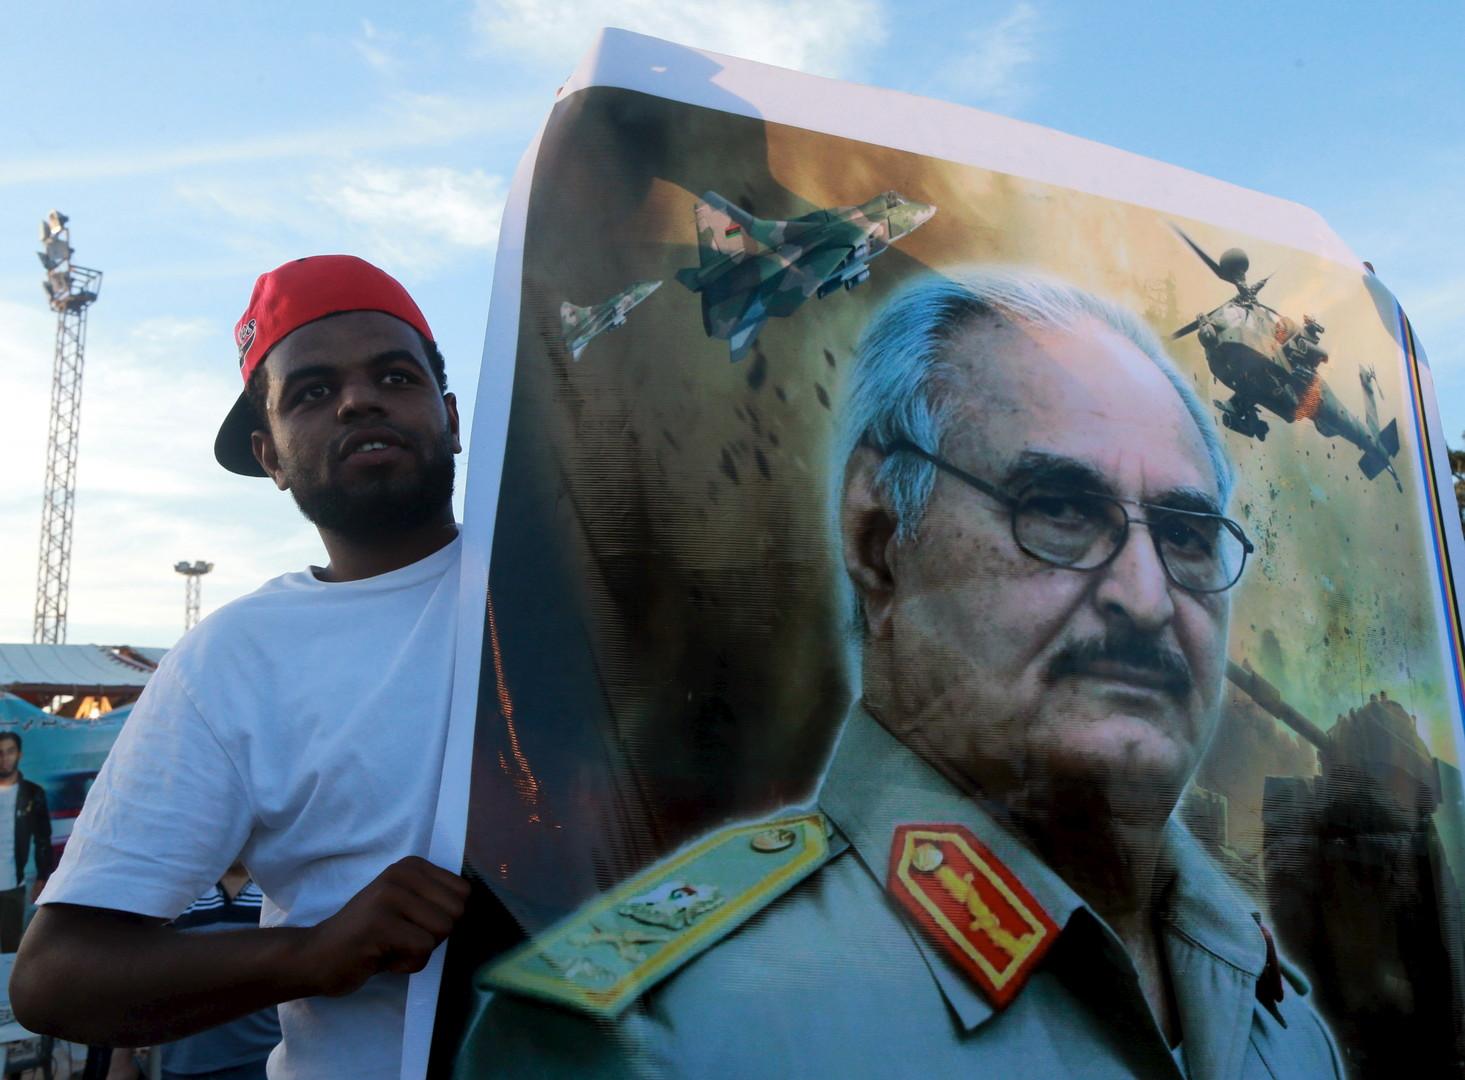 Libye: le gouvernement d'unité national menacé par des problèmes internes à l'armée de Tobrouk ?